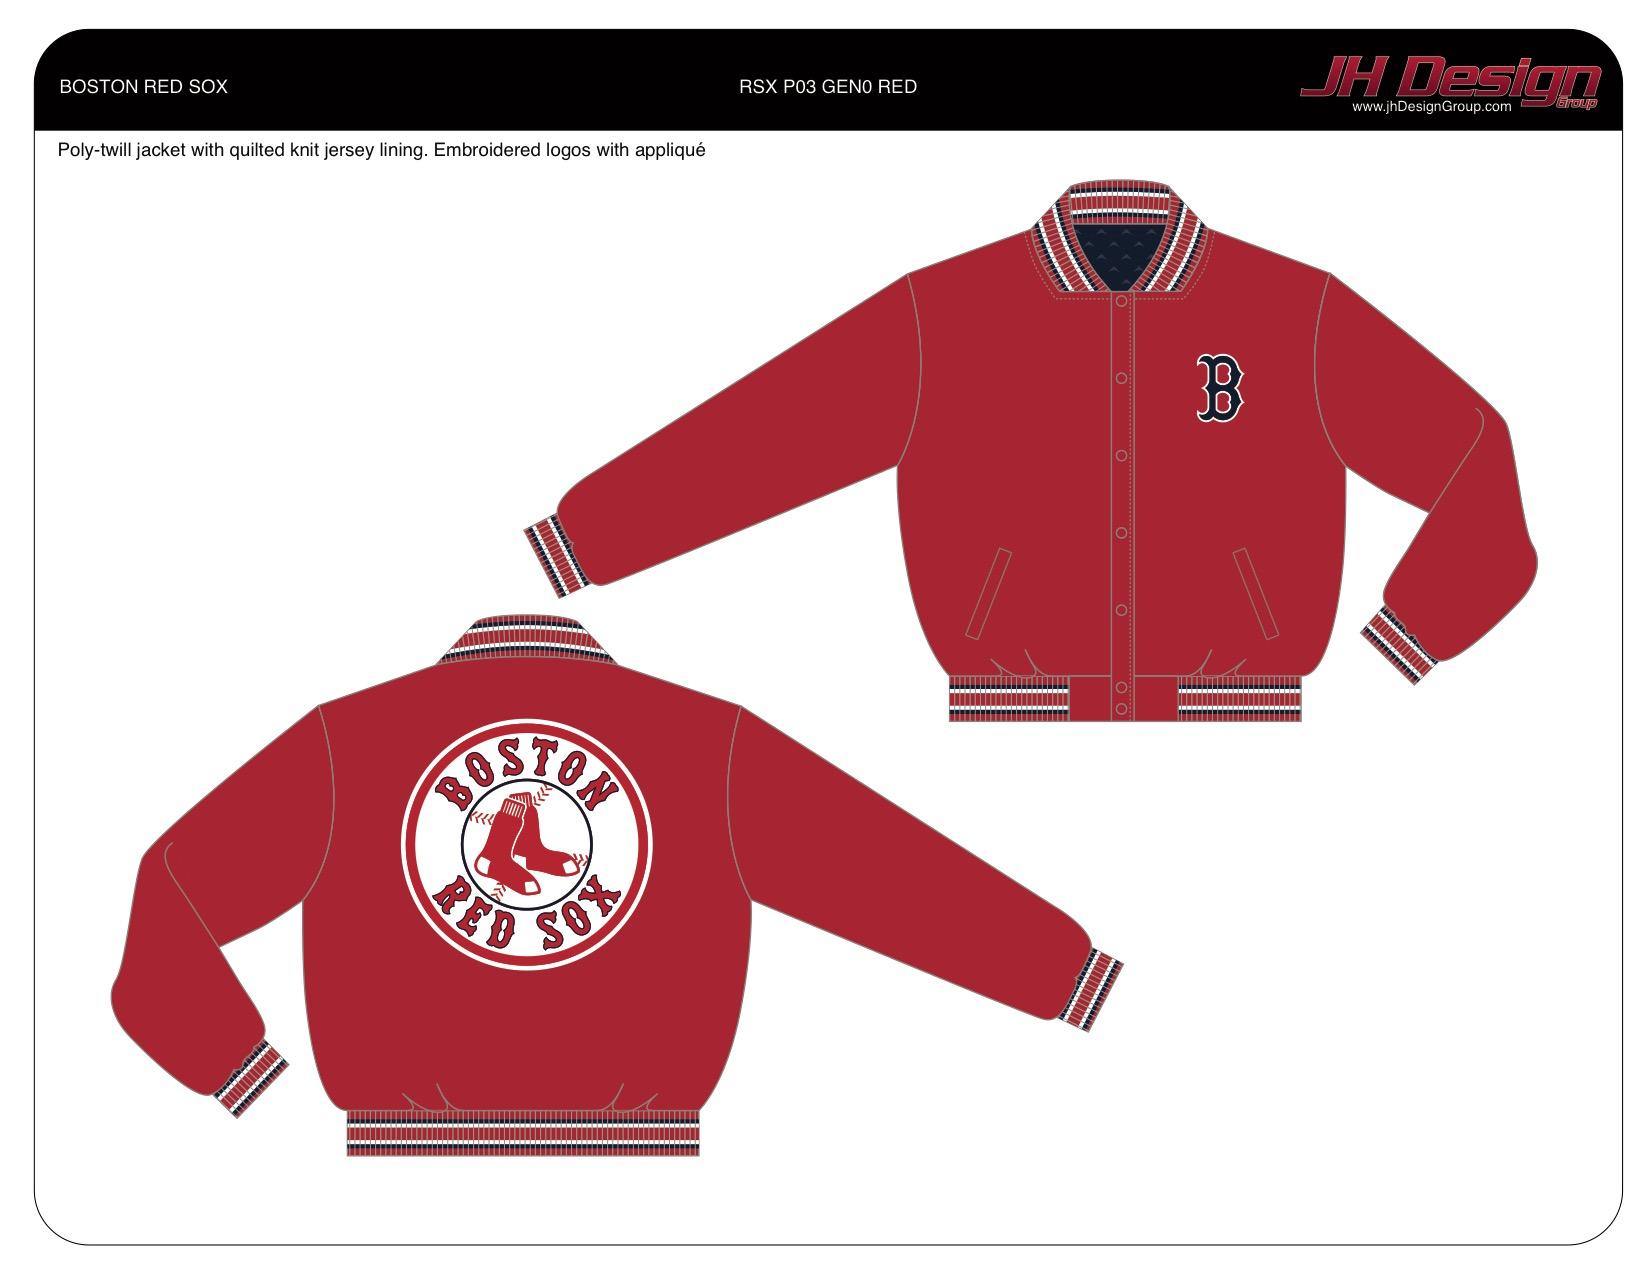 RSX P03 GEN0 RED